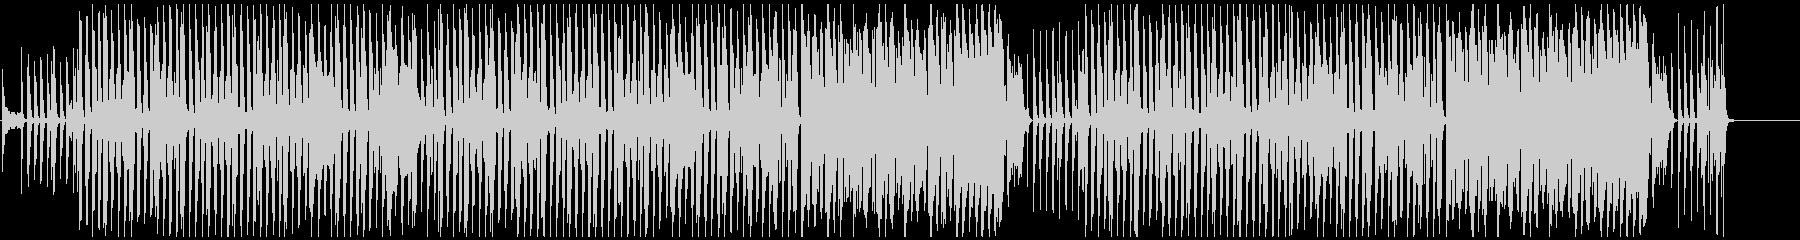 マーチング ピアノ トランペット 冒険の未再生の波形